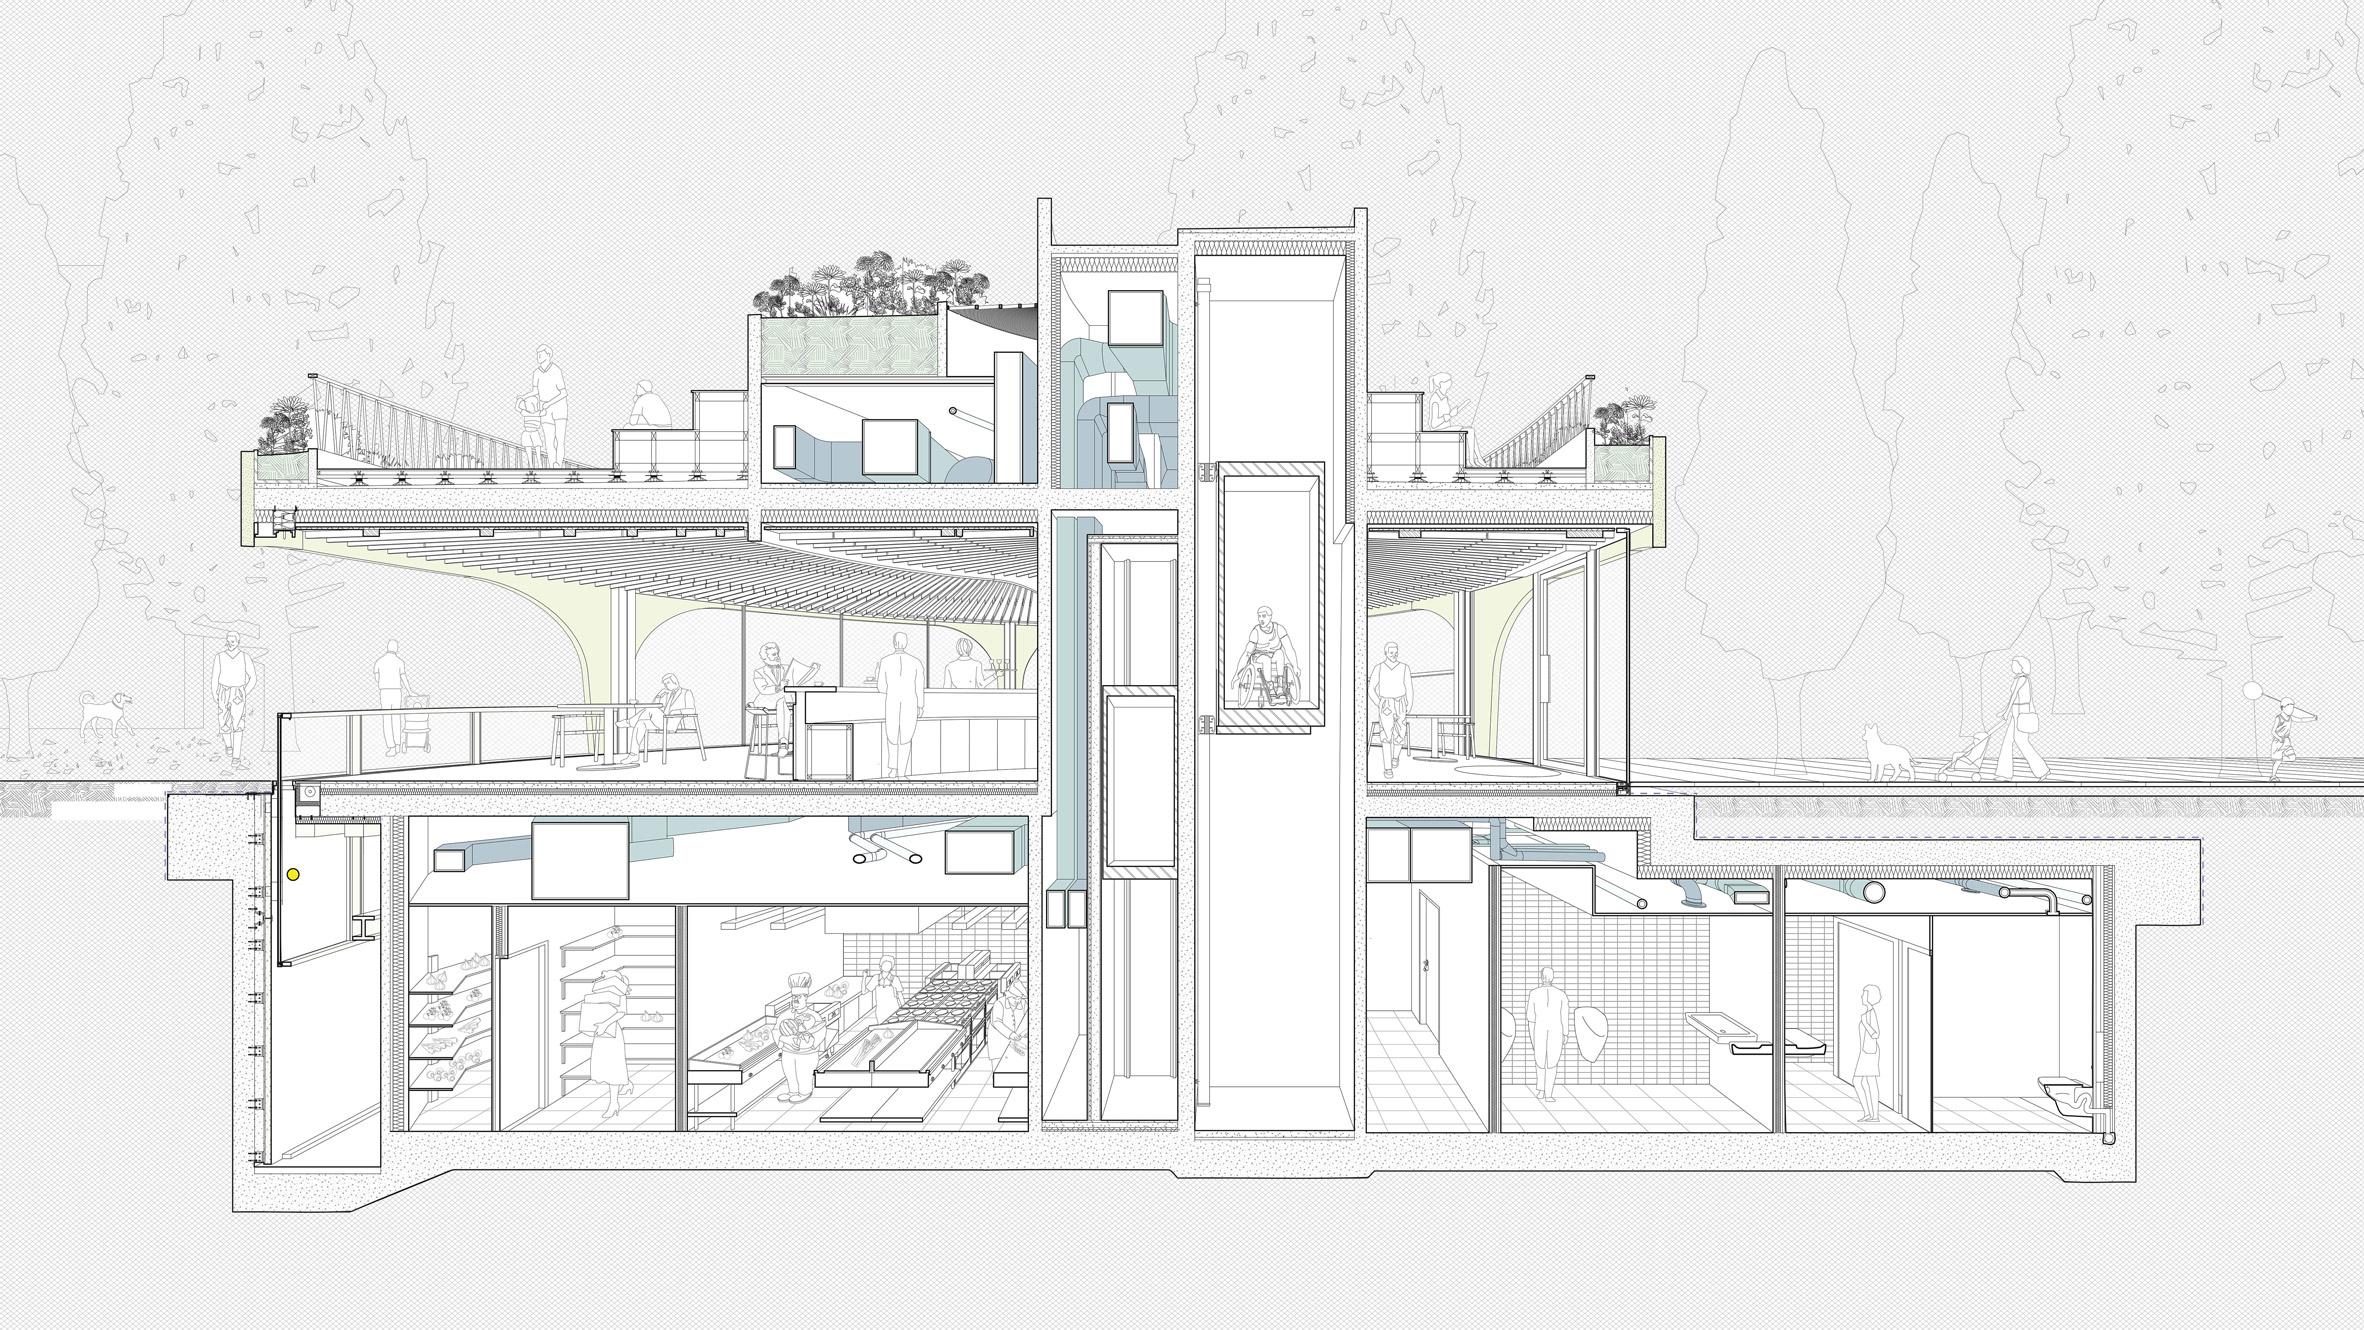 Thiết kế quán cafehiện đại 10